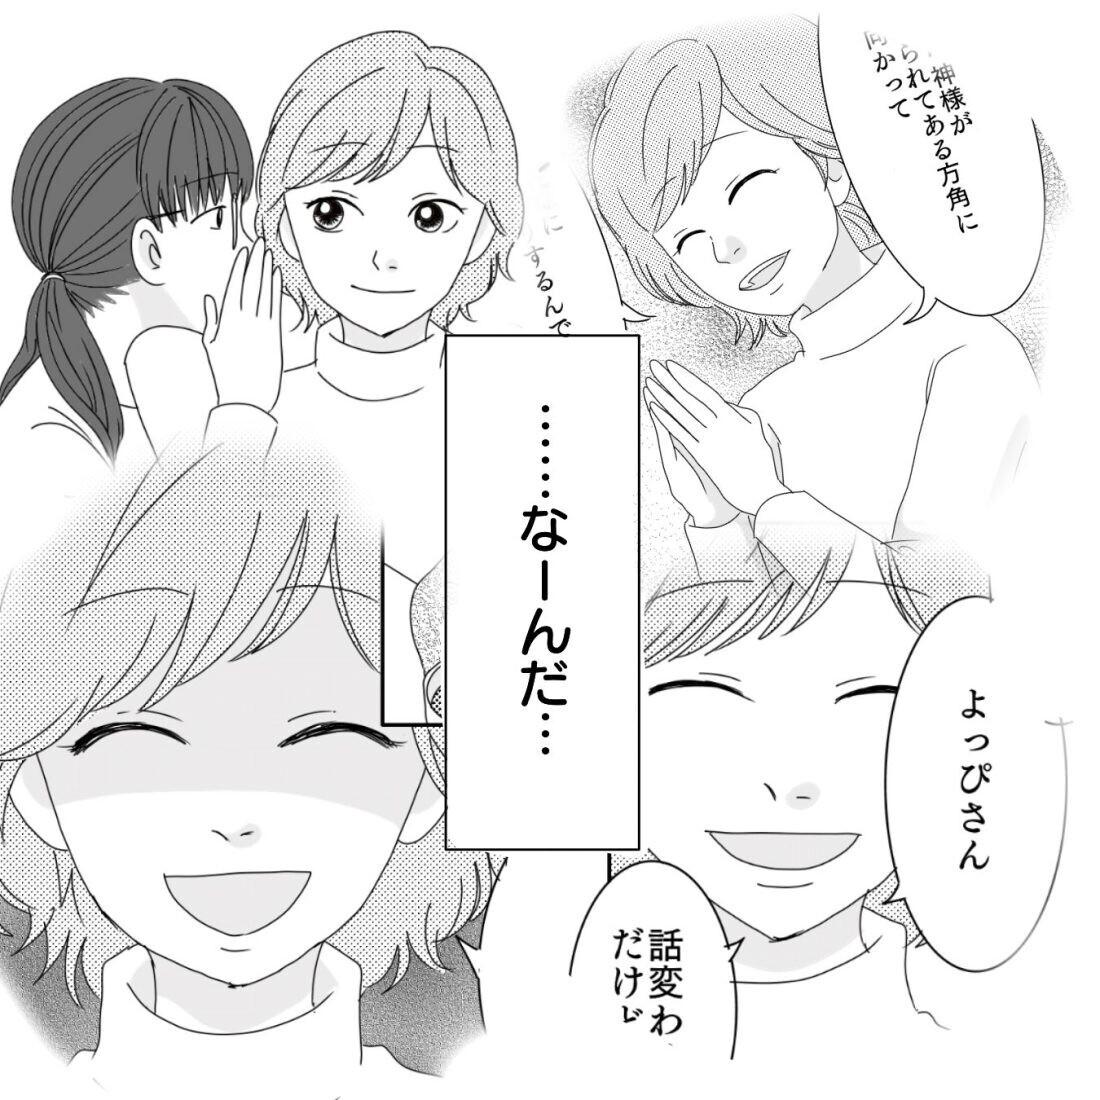 憧れだったママ友関係はこれじゃない! 裏切られたようで涙があふれて…【ママ友になりませんか? Vol.11】